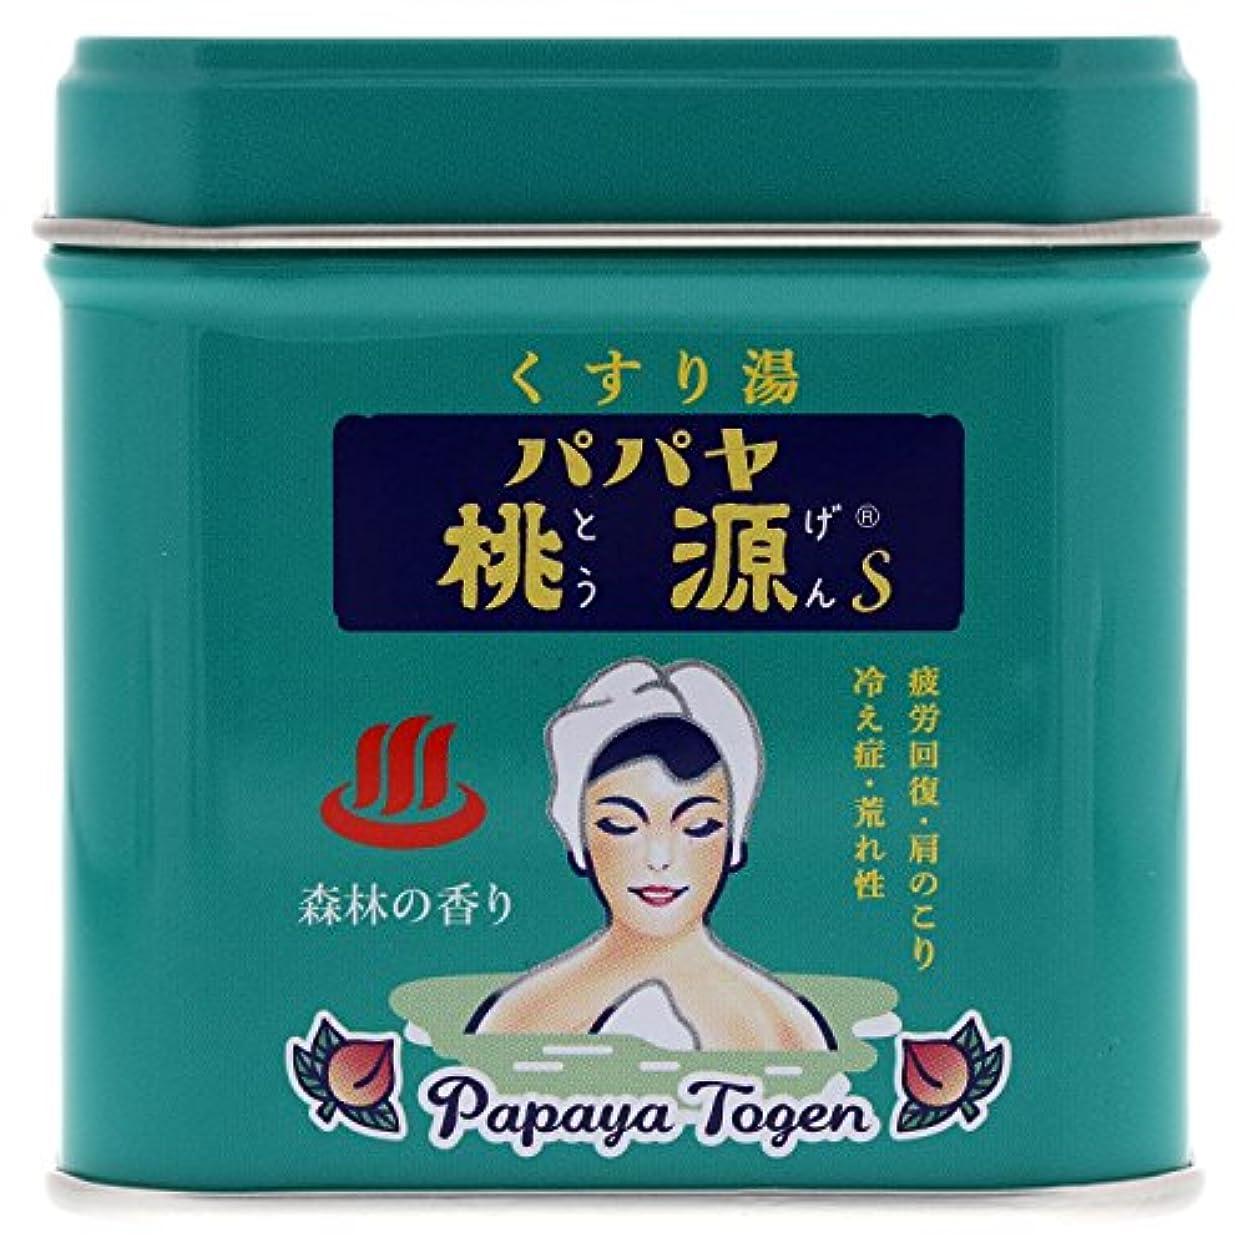 小道具結核属性パパヤ桃源S 70g缶 森林の香り [医薬部外品]